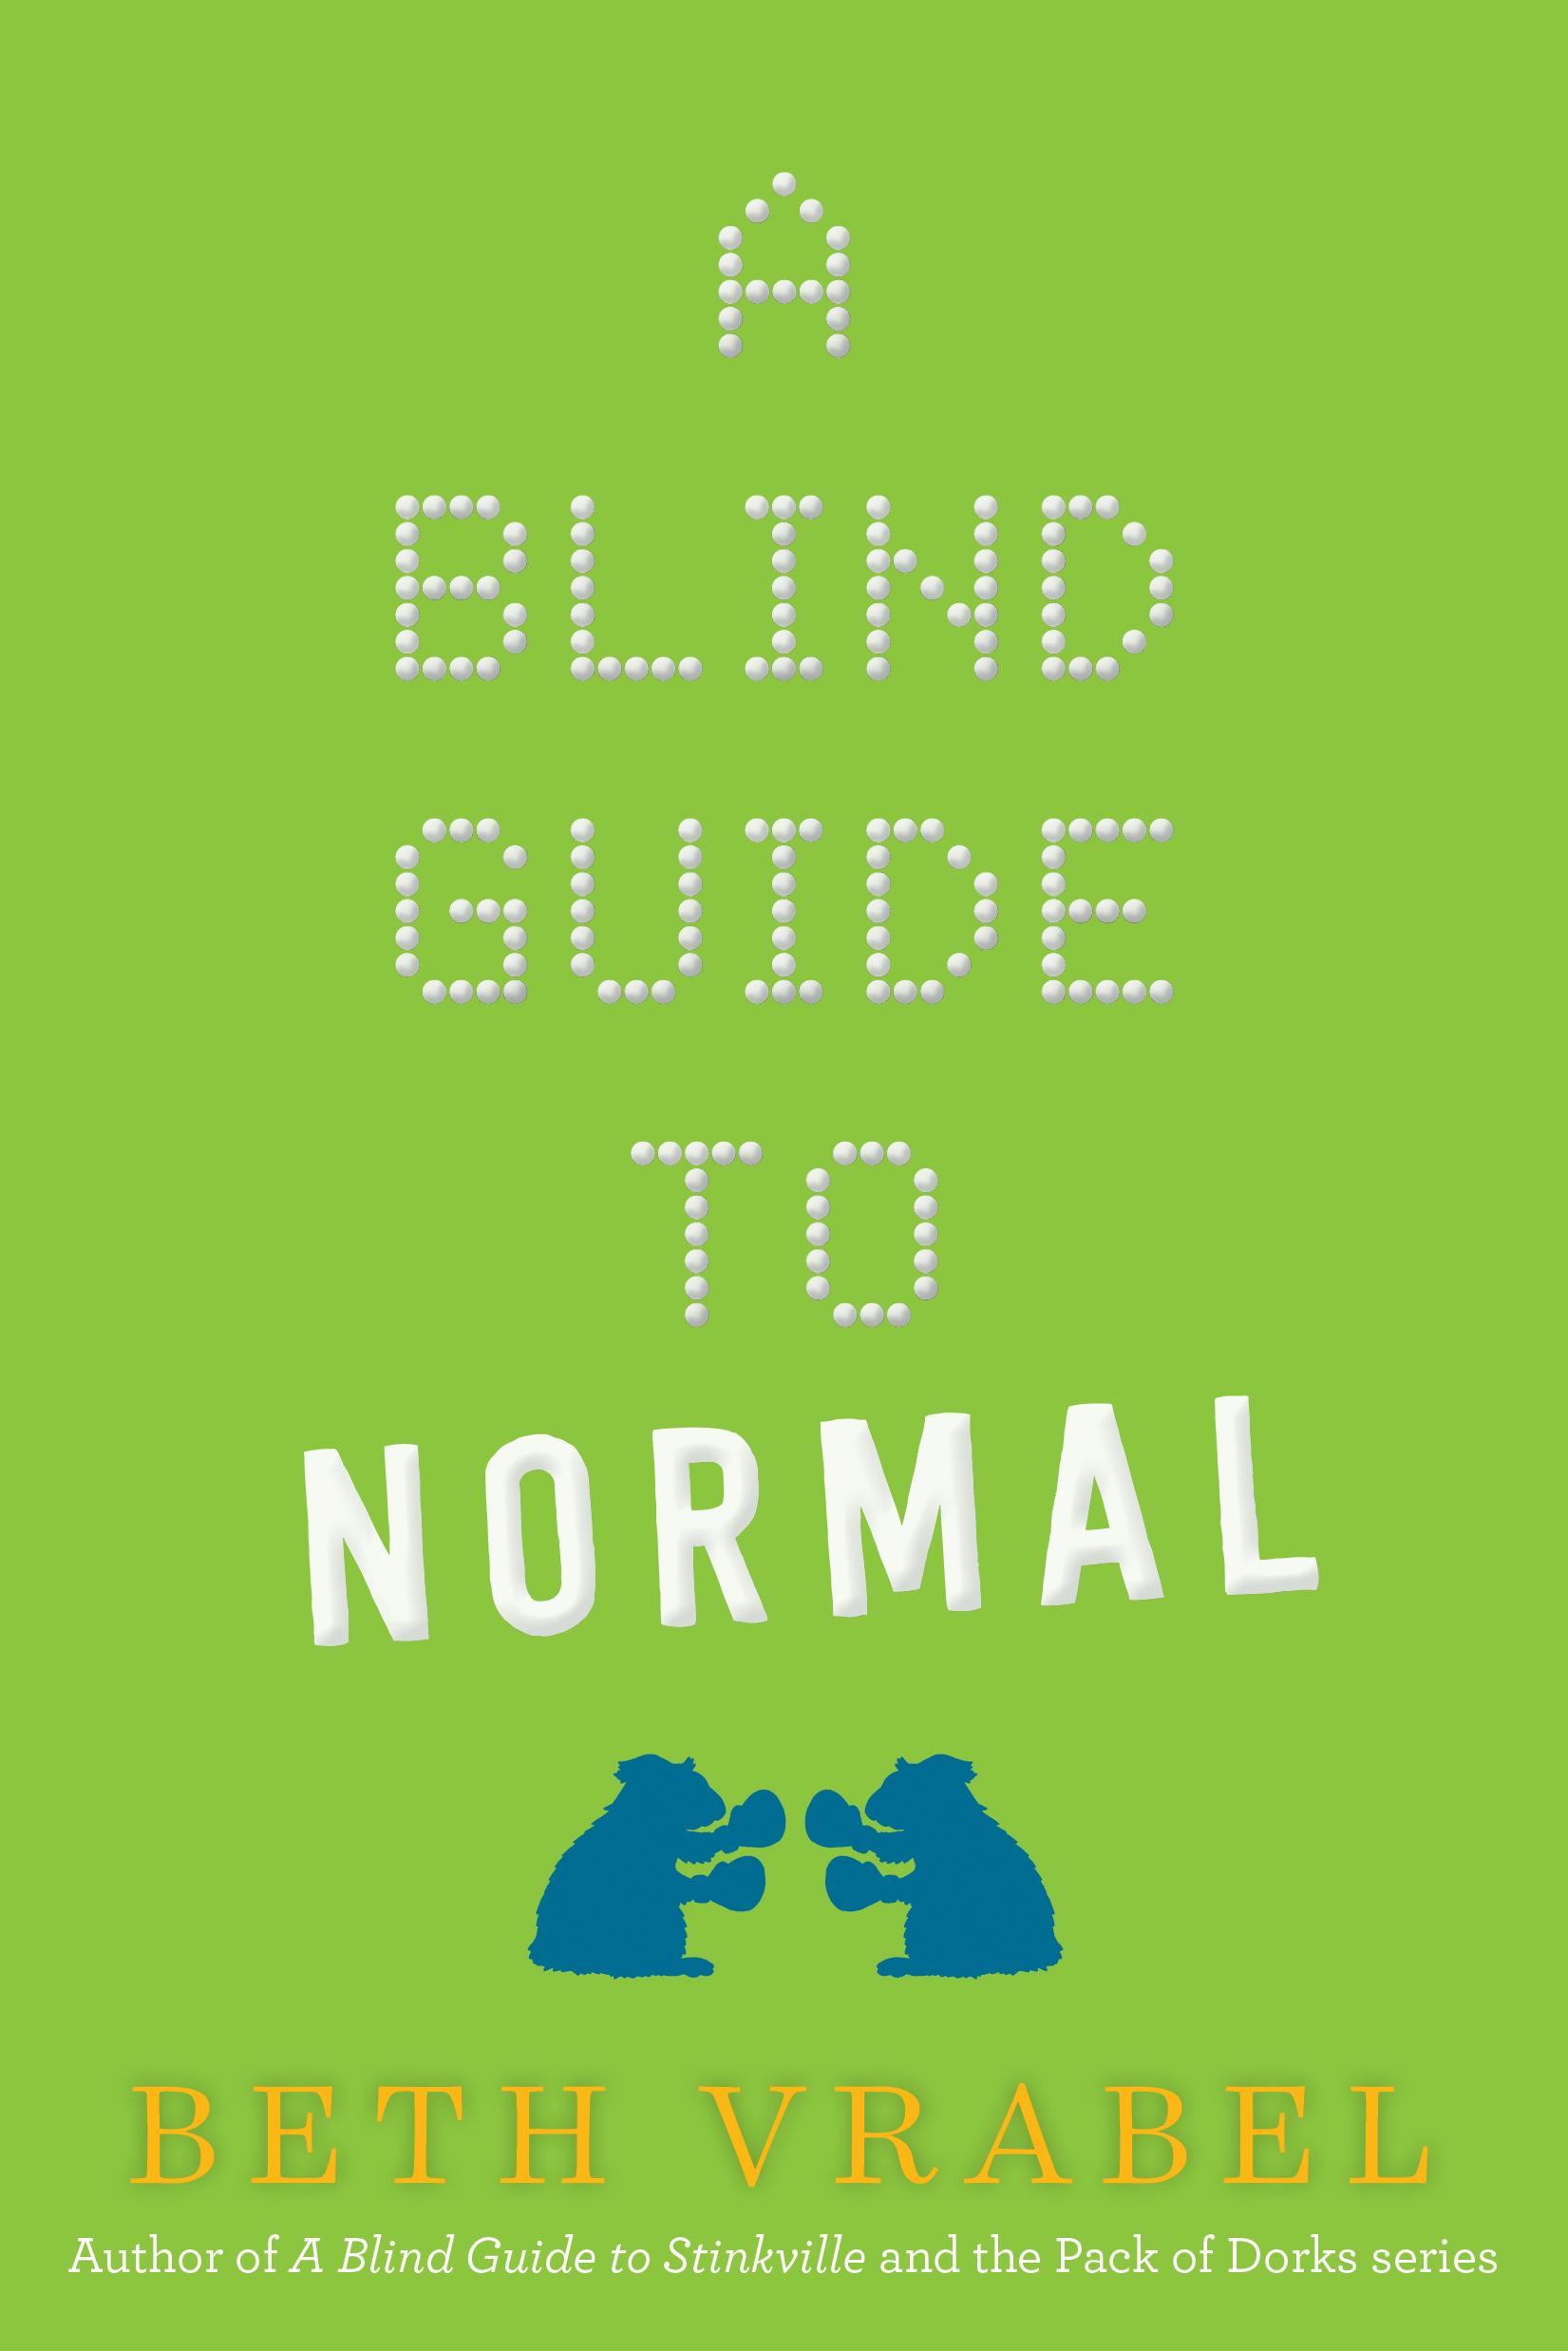 BLIND GUIDE REVISED.jpg